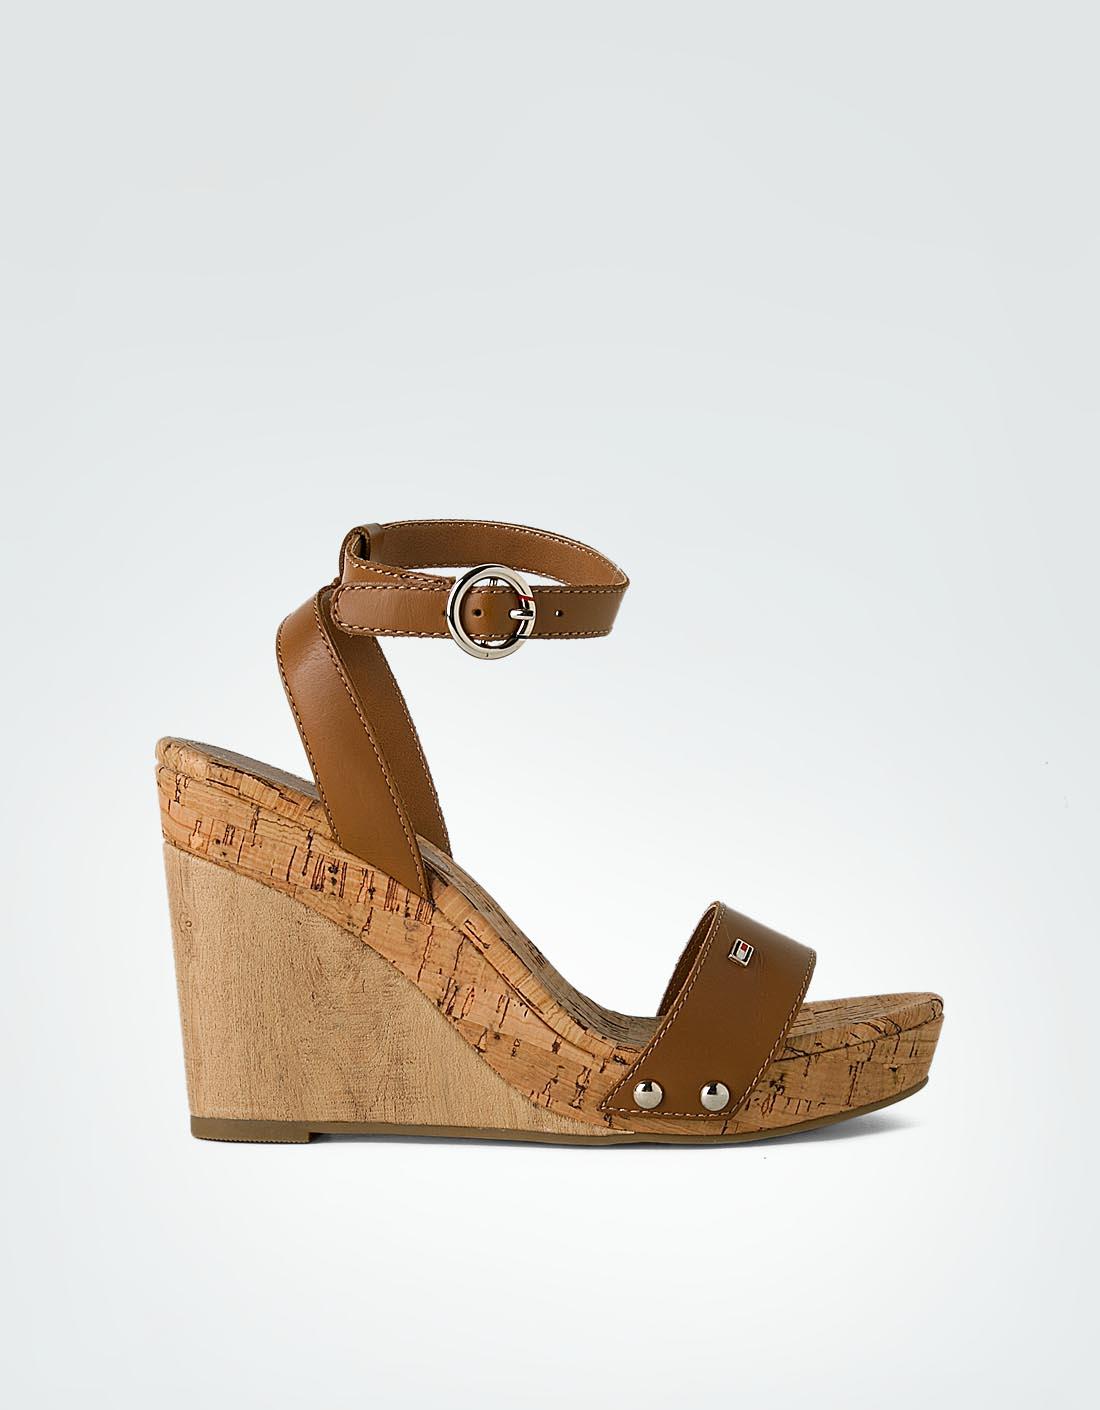 tommy hilfiger damen sandalen keilsandaletten in kork. Black Bedroom Furniture Sets. Home Design Ideas